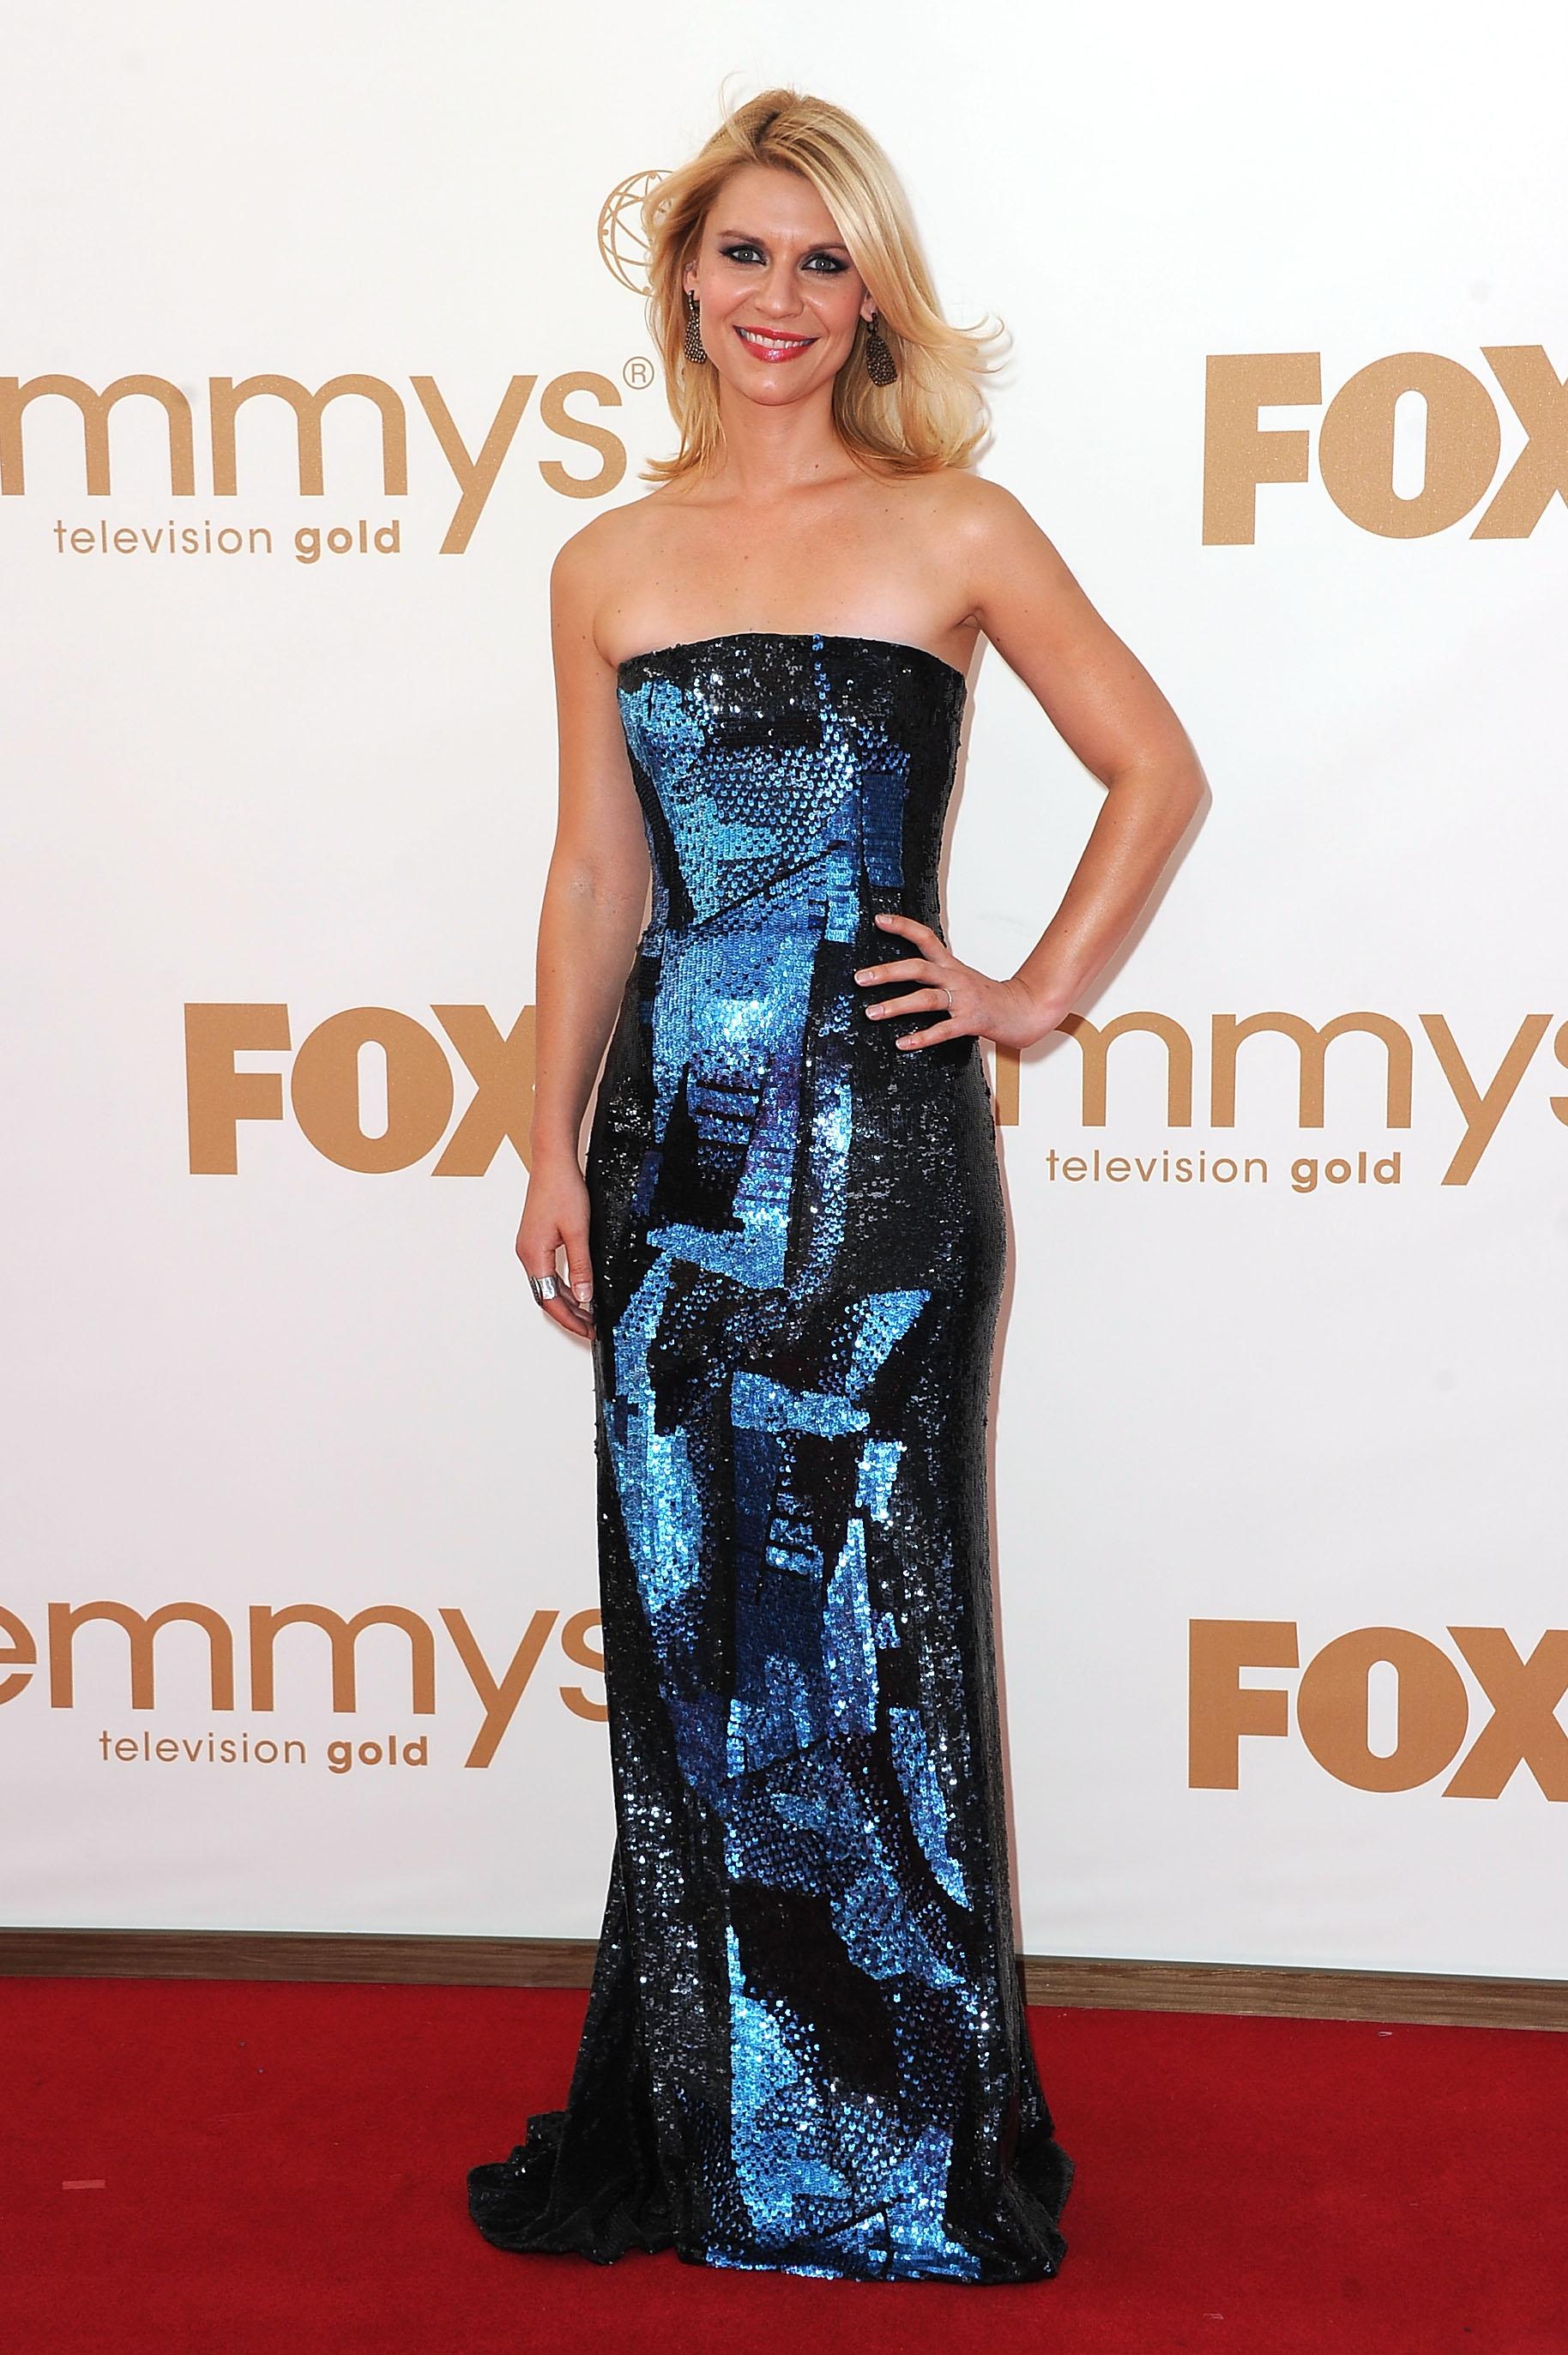 Claire Danes in Oscar de la Renta at the Emmys.